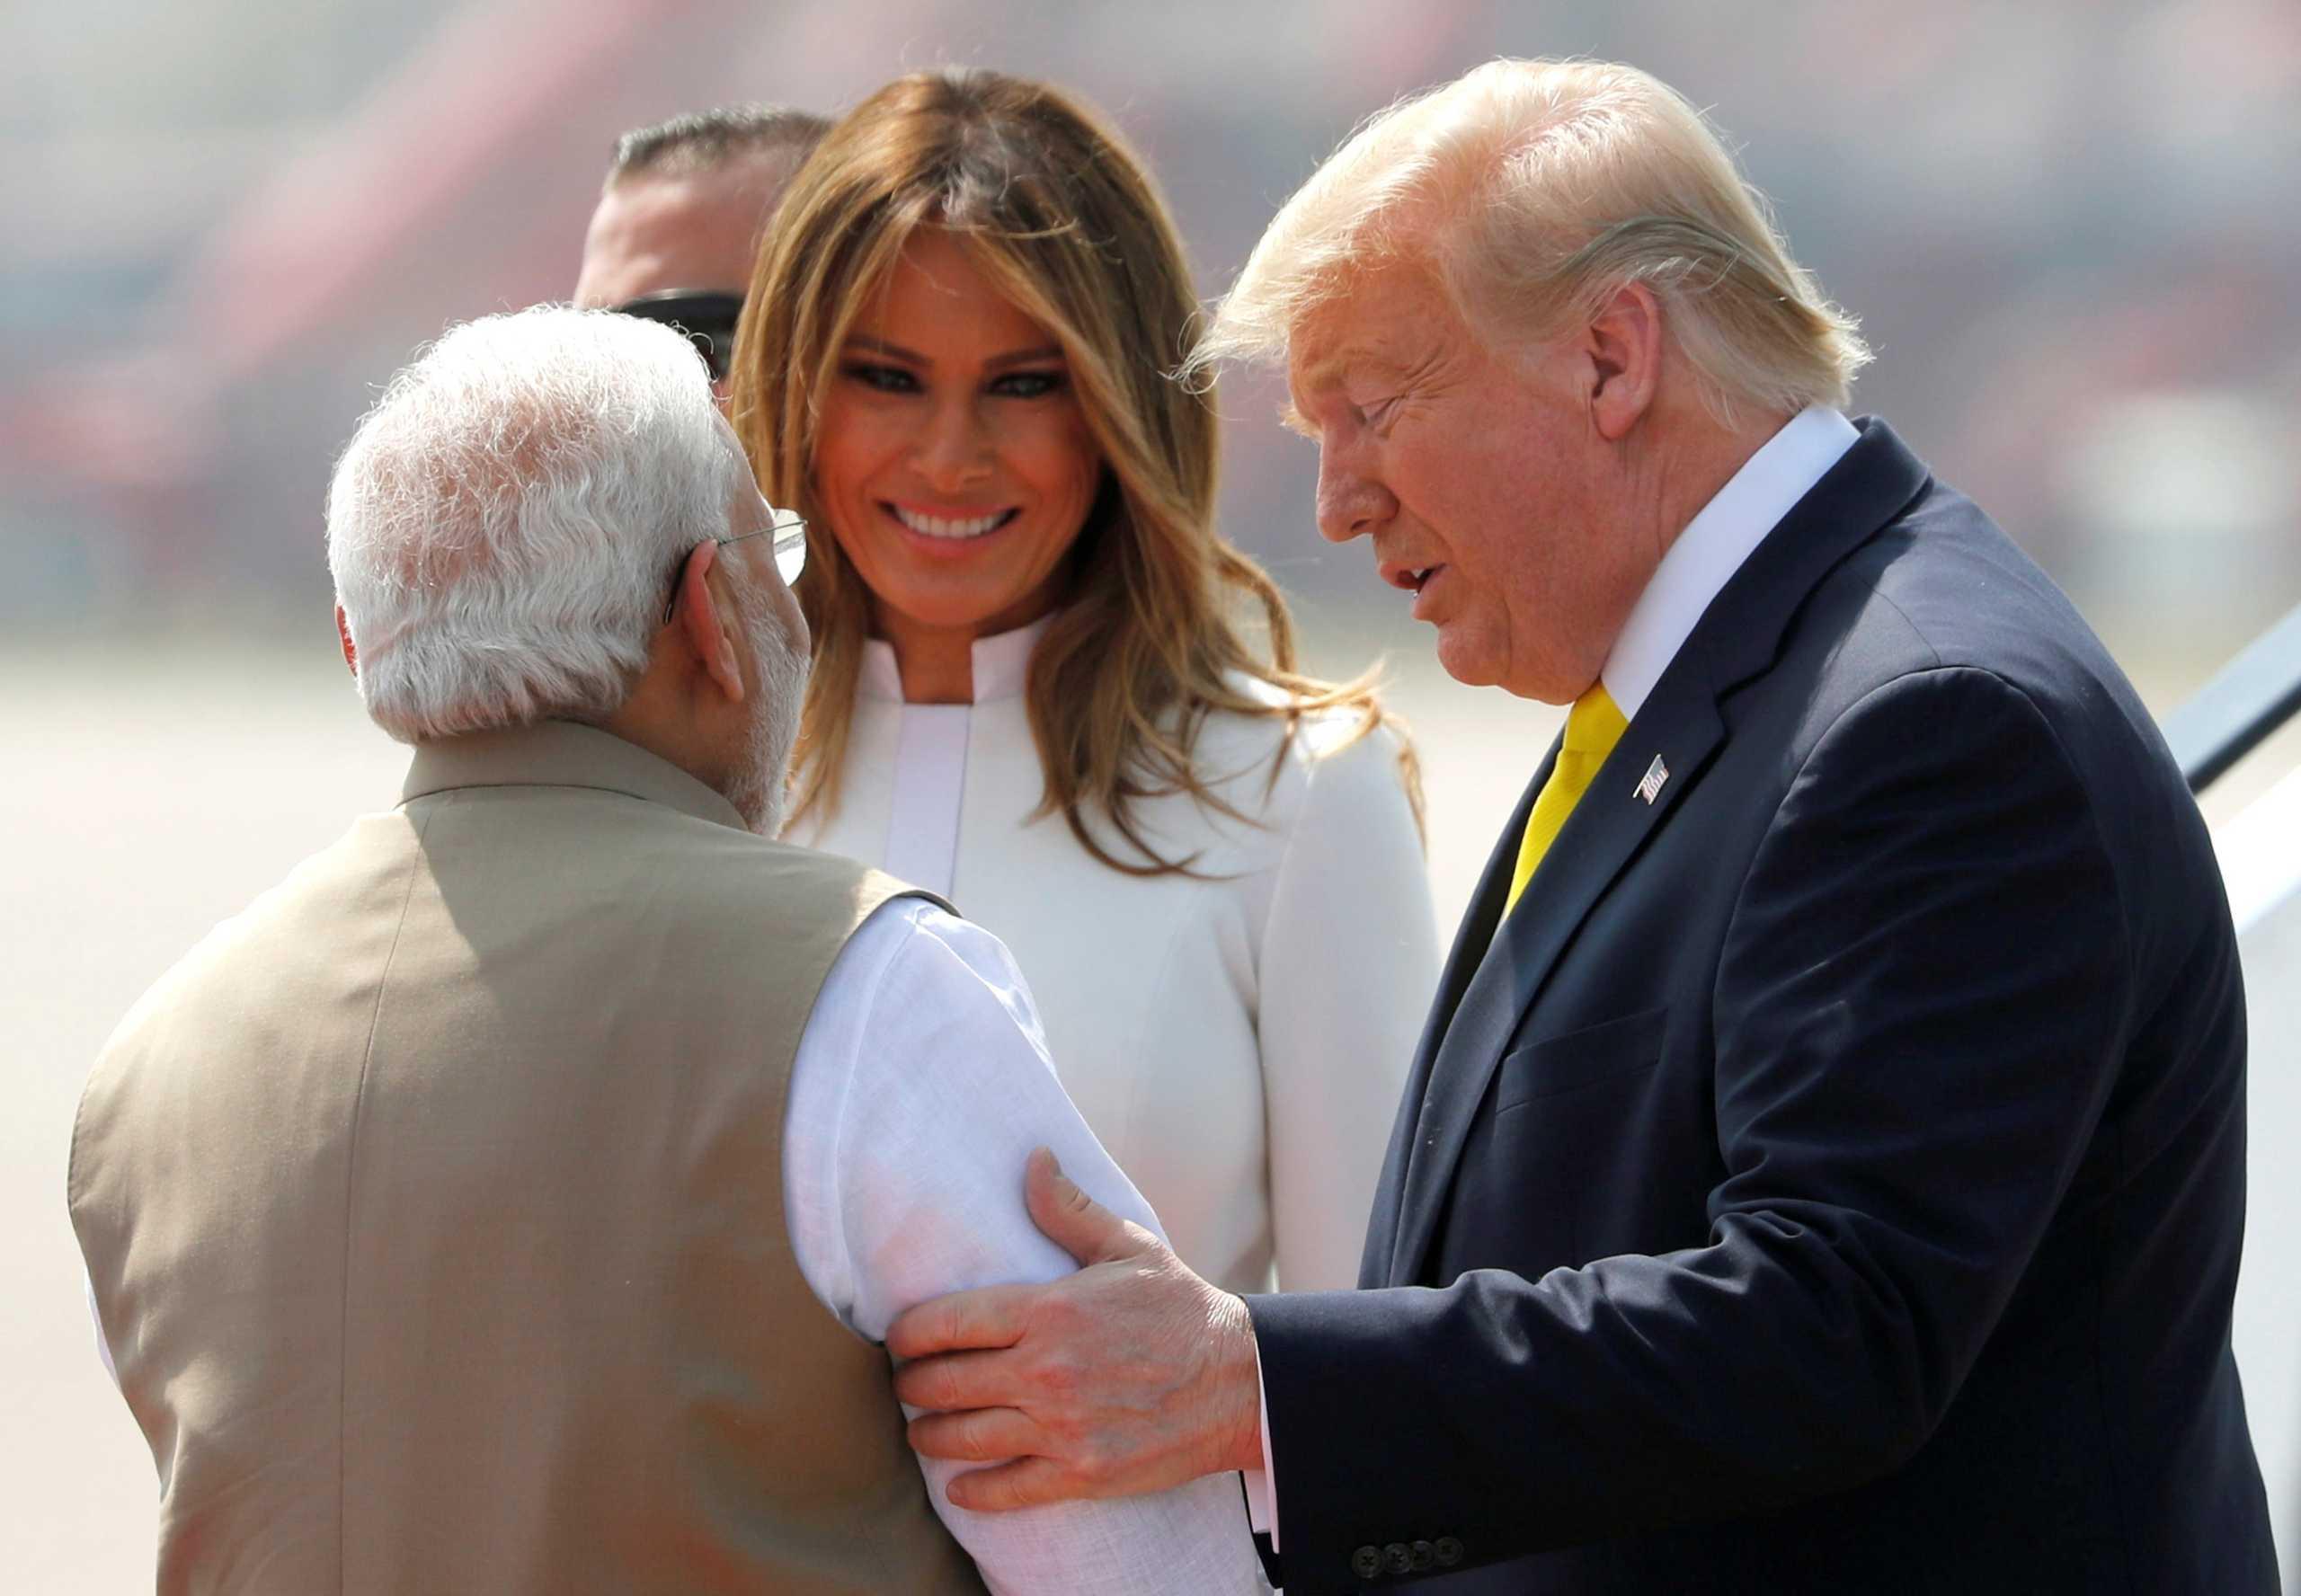 Ινδία: Ξεσηκωμός για την πρώτη επίσκεψη Τραμπ - Τελετή υποδοχής σε γιγαντιαίο στάδιο κρίκετ! [pics]